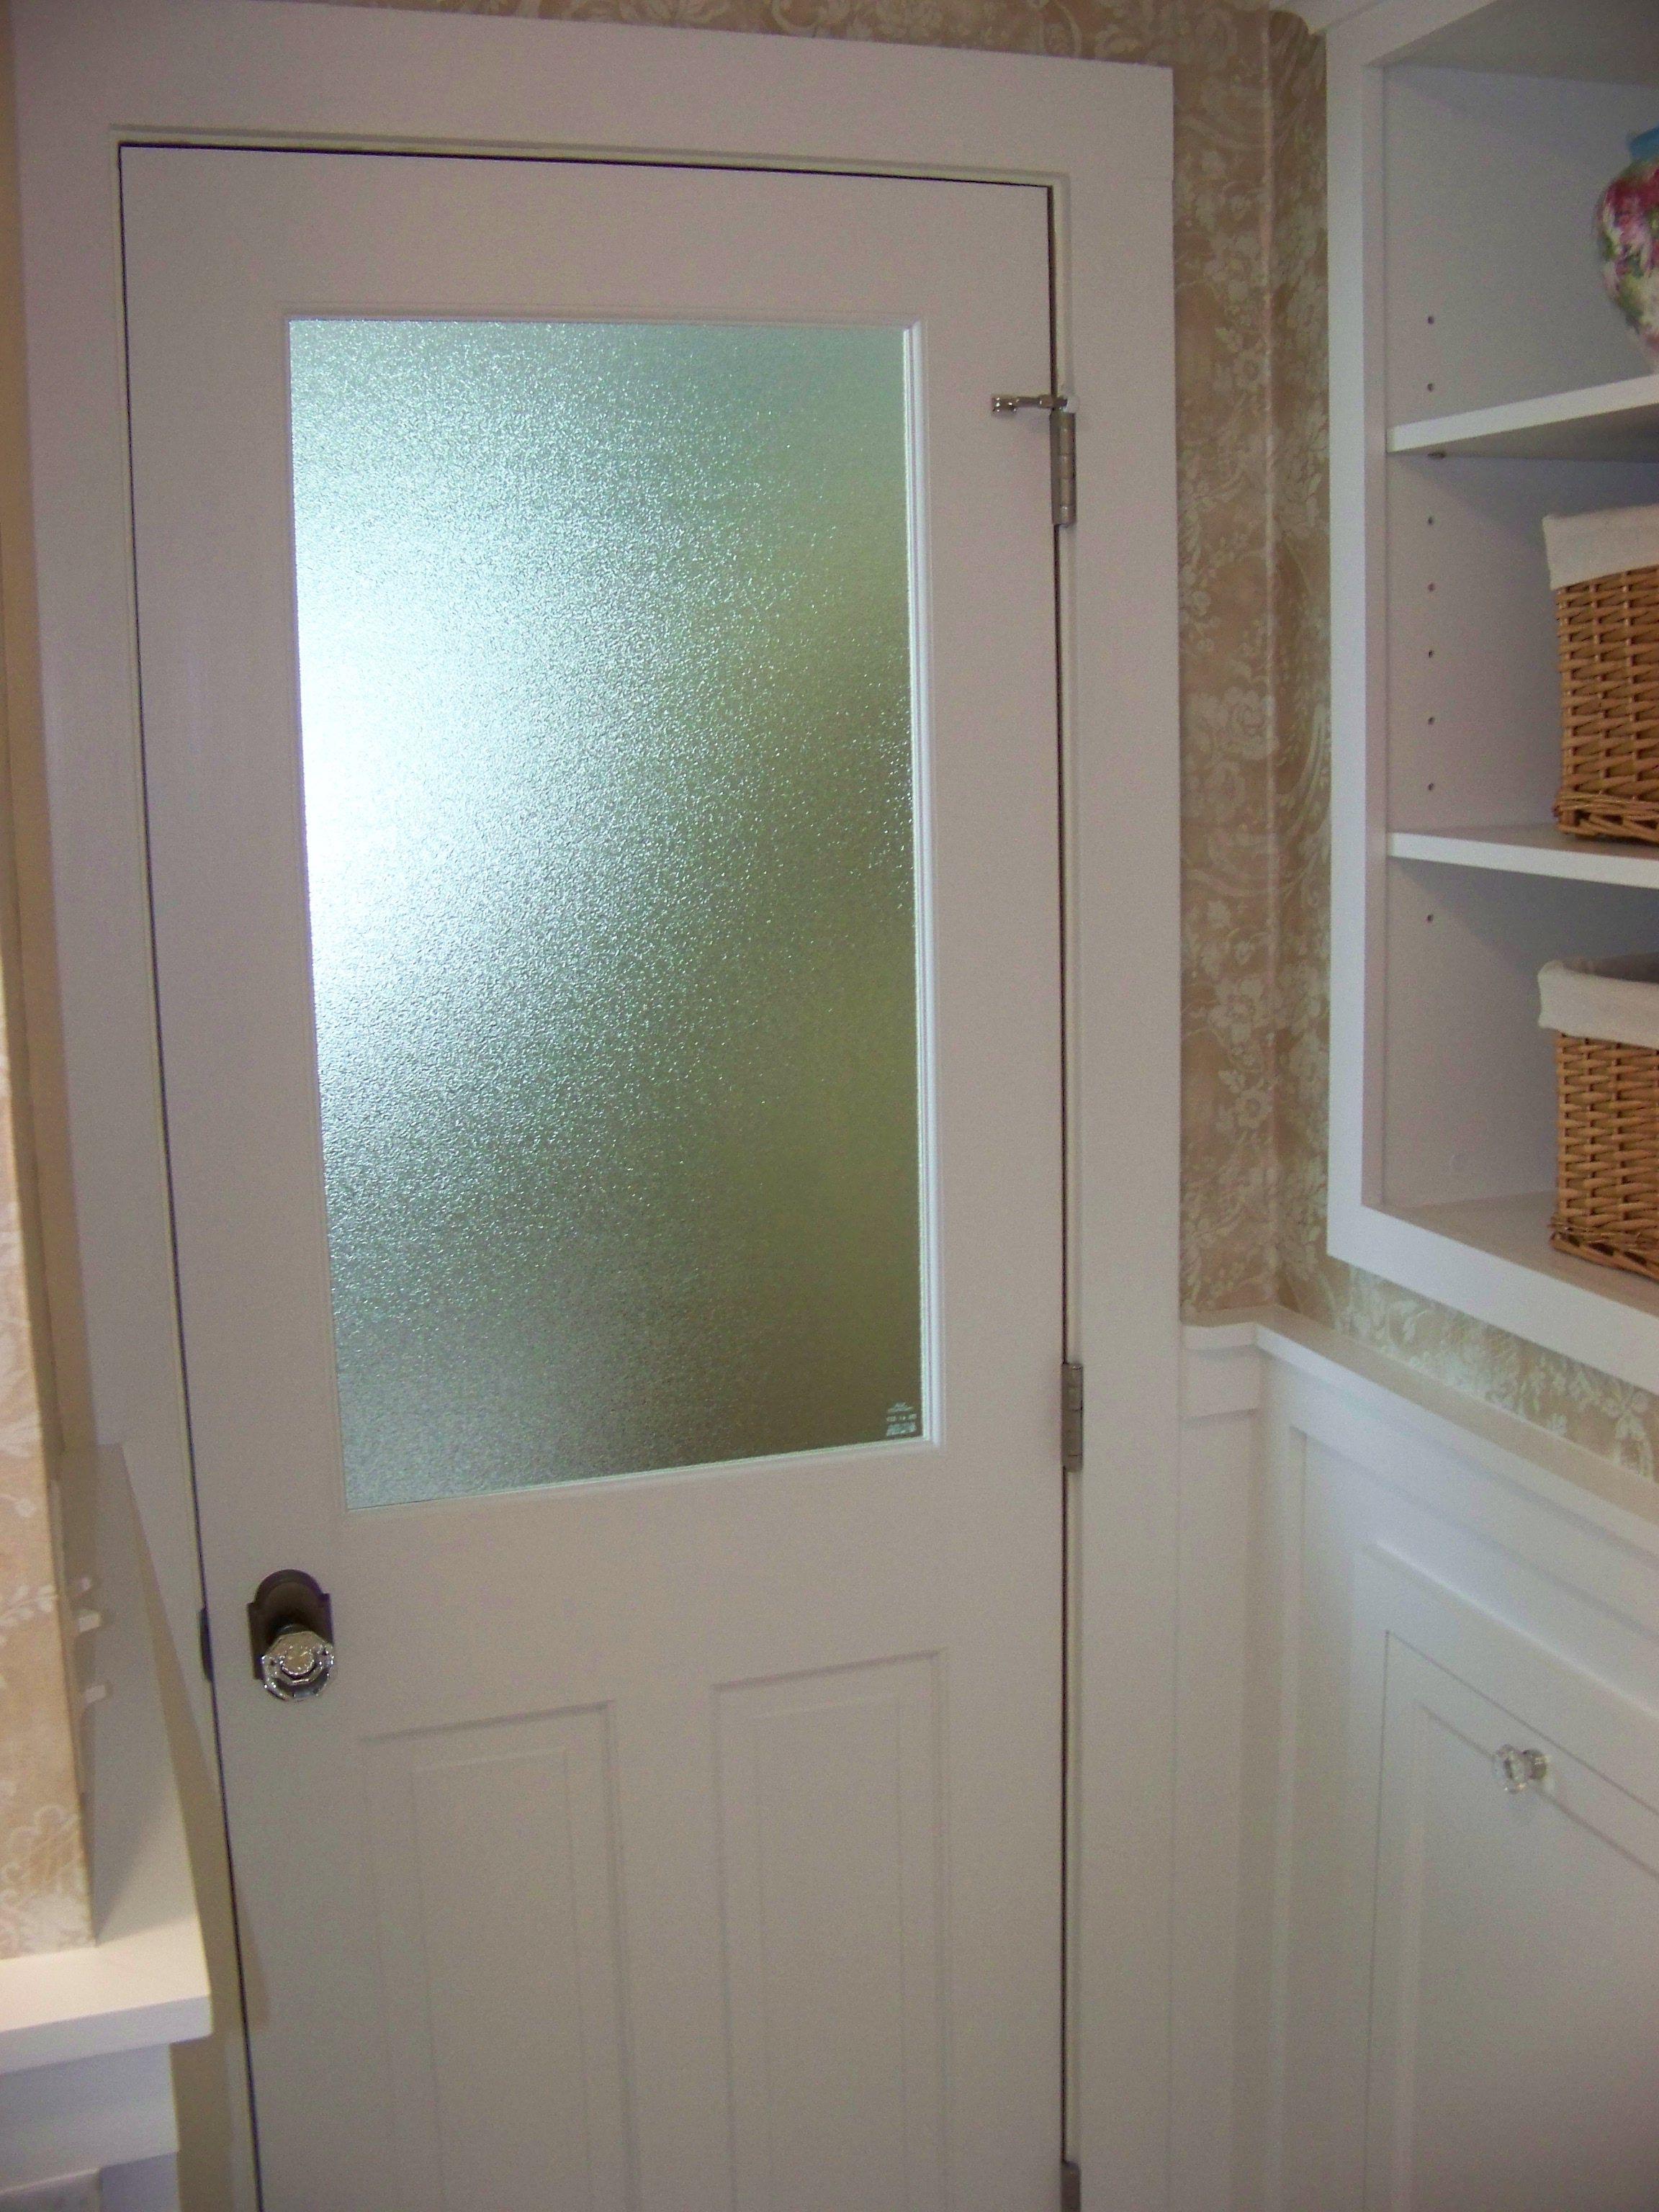 Victorian solid wood interior door    Humidor   Glass bathroom door